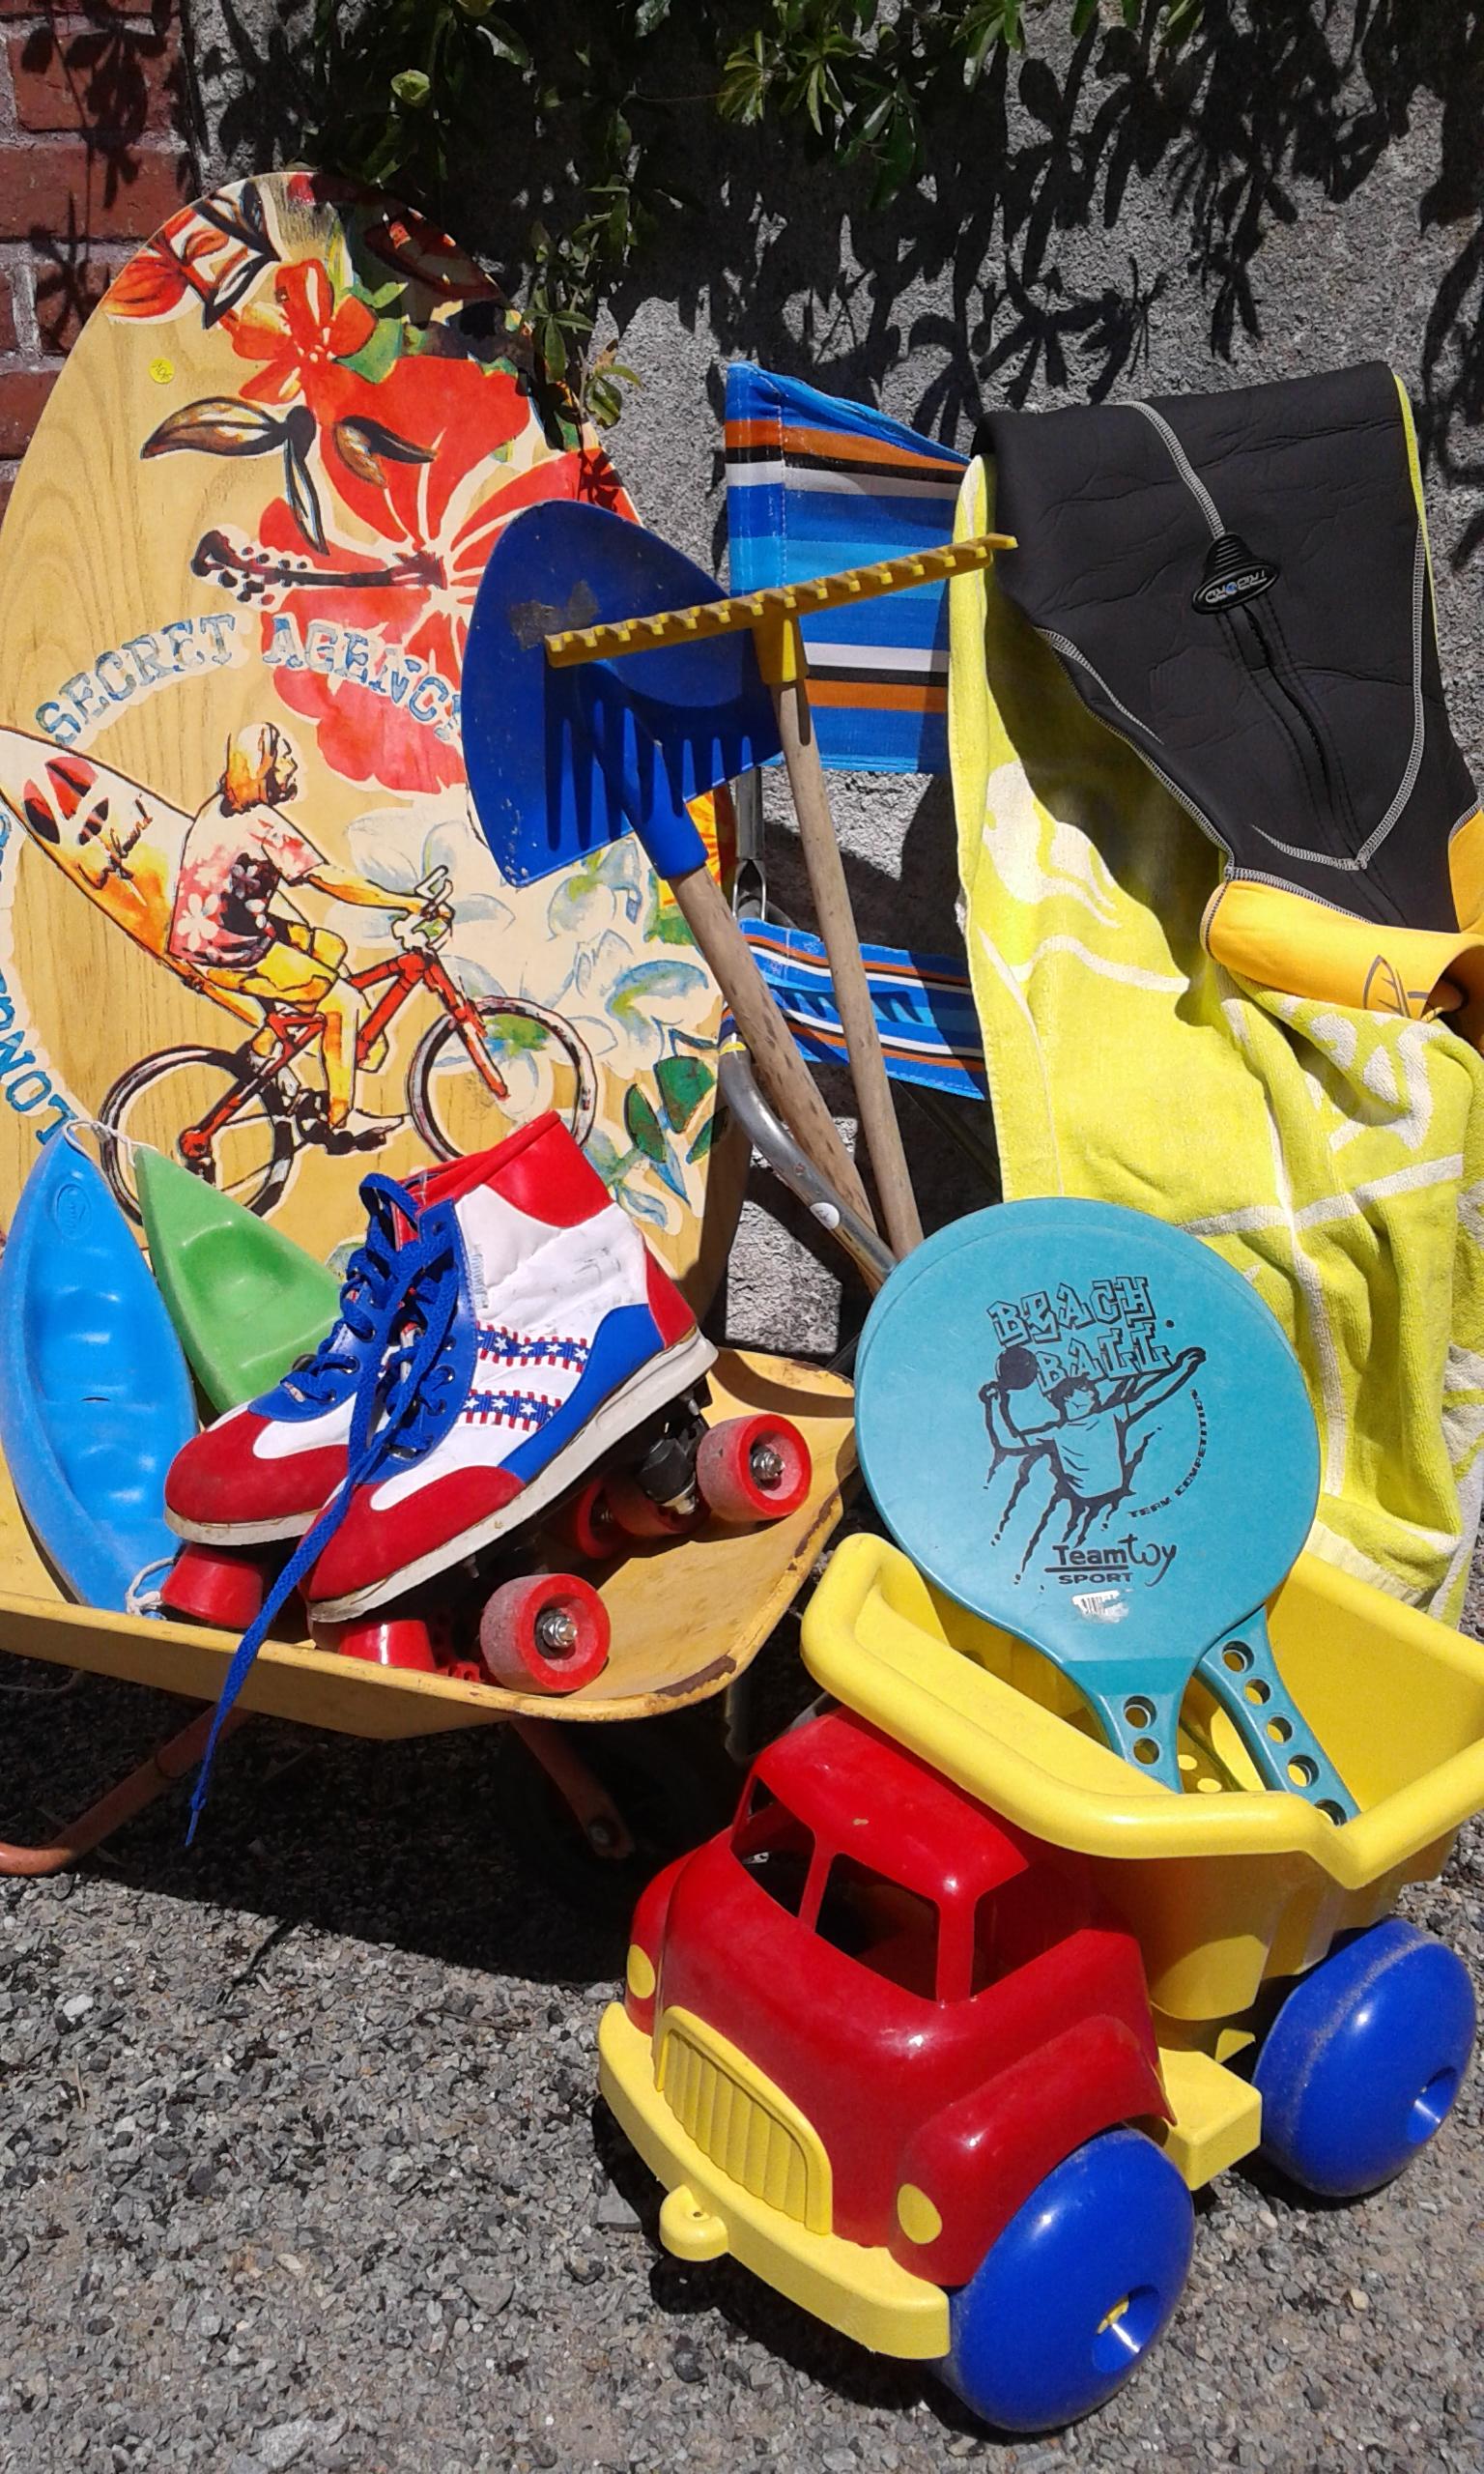 Jeux de plage enfants camion rollers raquettes réemploi recyclerie au bonheur des bennes 44 Saint-Nazaire